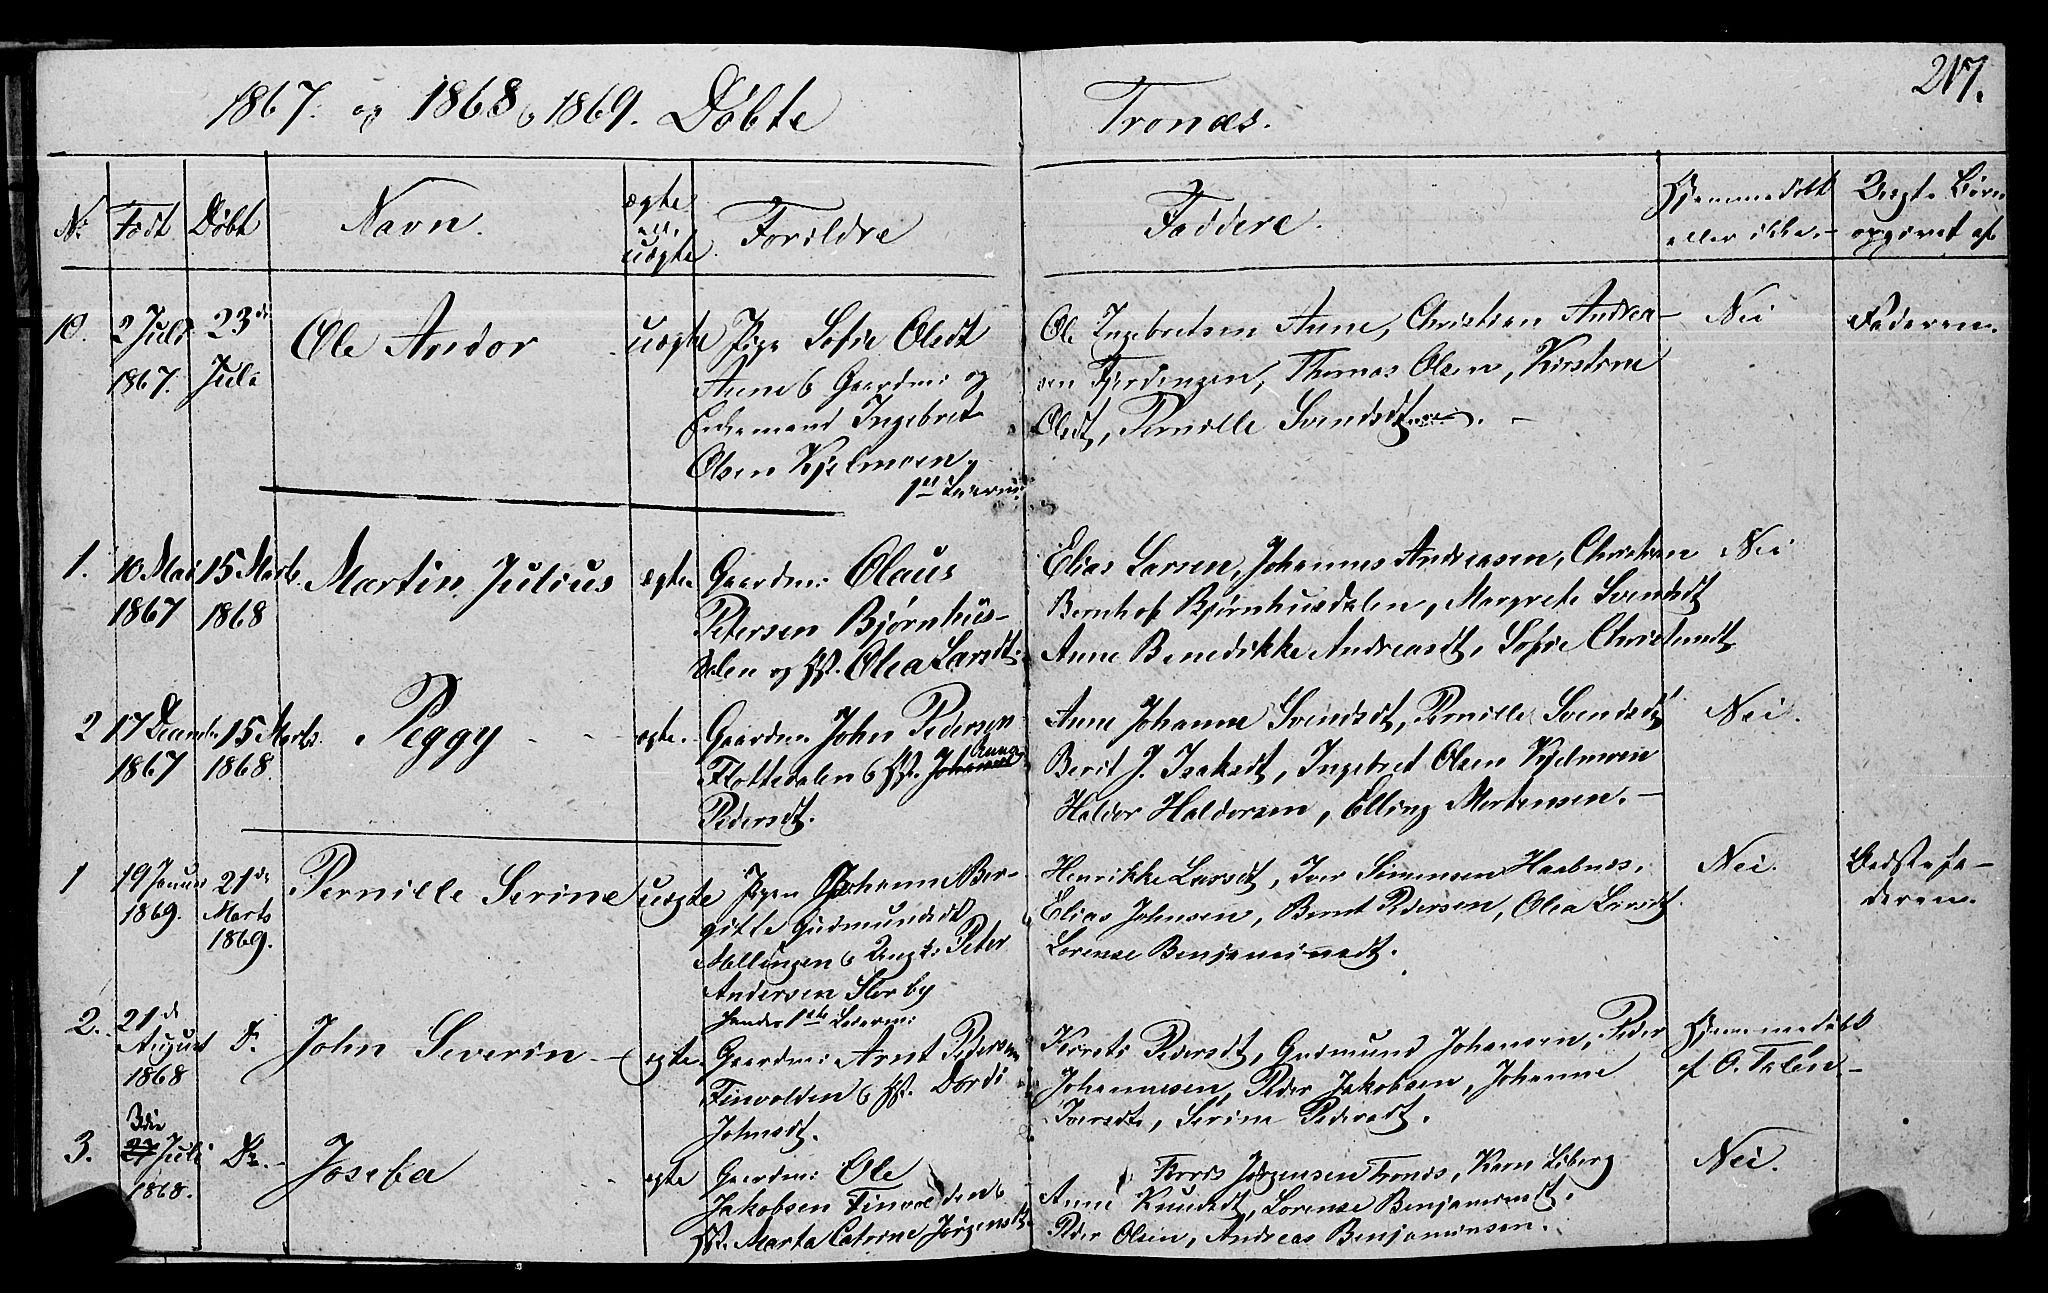 SAT, Ministerialprotokoller, klokkerbøker og fødselsregistre - Nord-Trøndelag, 762/L0538: Ministerialbok nr. 762A02 /2, 1833-1879, s. 217